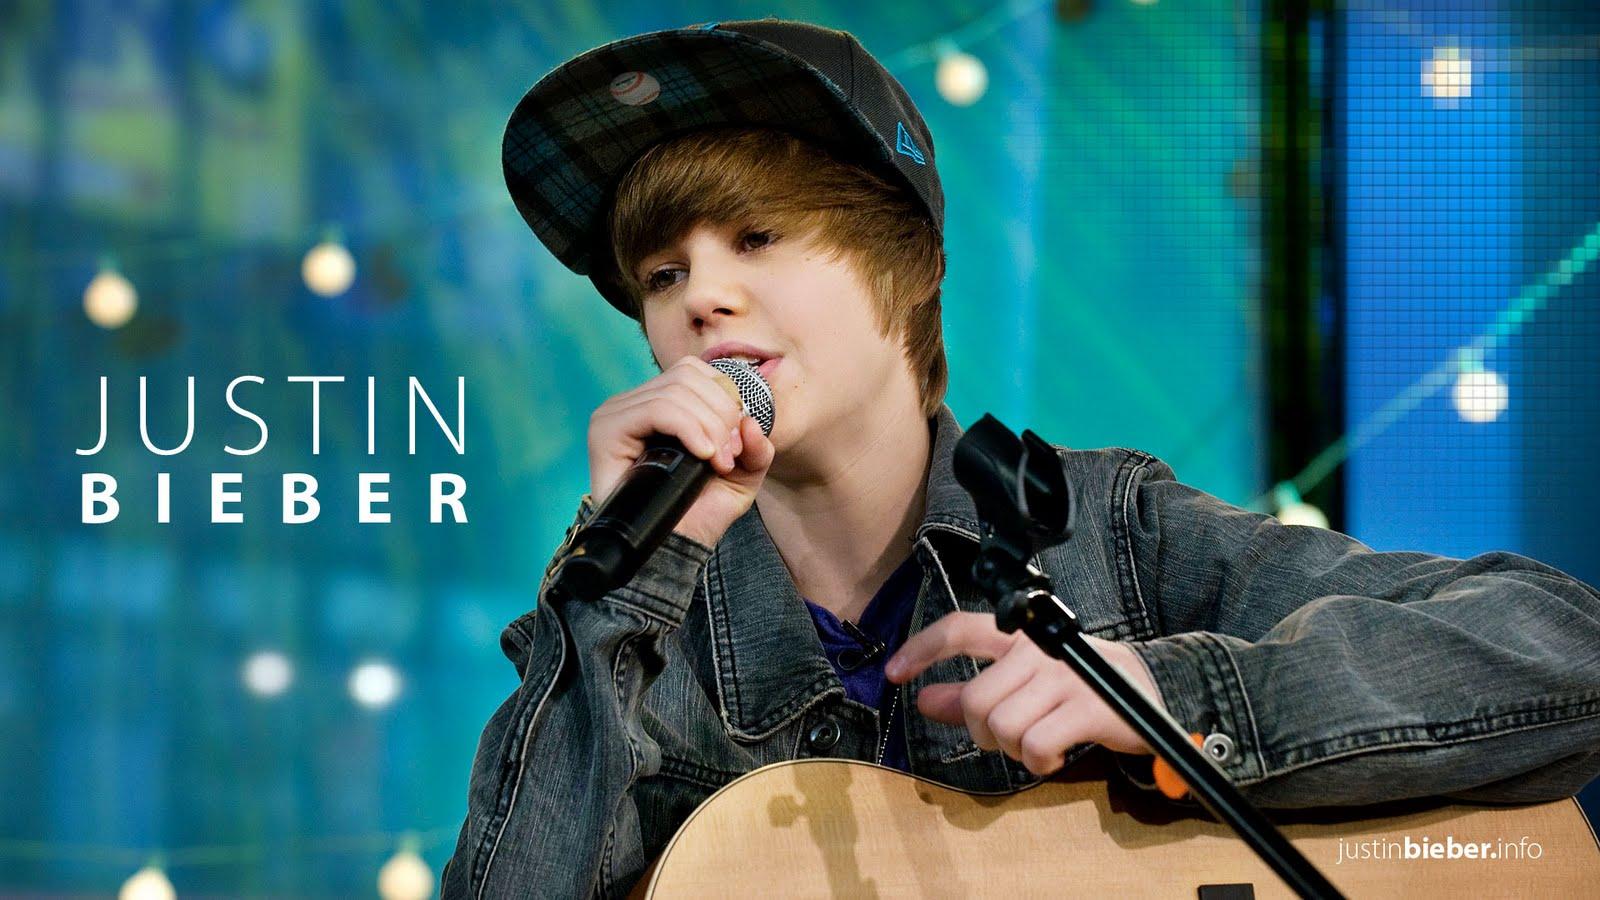 http://1.bp.blogspot.com/-ds6mVQPGF0U/TgATJKmncsI/AAAAAAAAAQ0/YrlJi5ELwAE/s1600/justinbieber.jpg